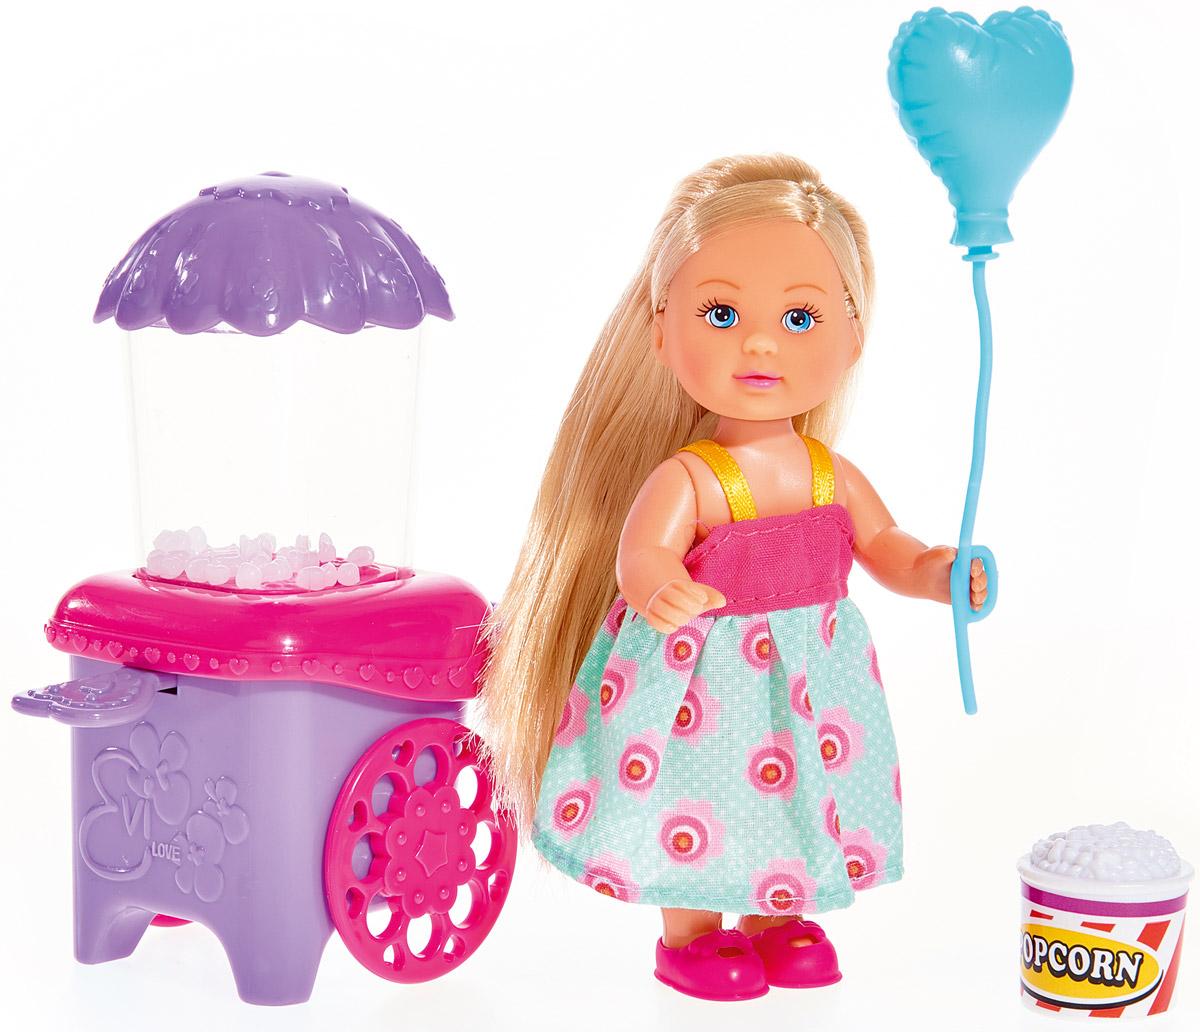 Simba Кукла Еви с попкорном5738058Игровой набор с куклой Simba Еви с попкорном порадует любую девочку и надолго увлечет ее. Для похода в парк развлечения у куклы есть все необходимое: шарик и функциональная подвижная тележка для попкорна. Малышка Еви одета в красивое летнее платье, украшенное цветочками и в розовые ботиночки. В руках у нее большой голубой шарик в форме сердечка и емкость с попкорном. Вашей дочурке непременно понравится заплетать длинные белокурые волосы куклы, придумывая разнообразные прически. Руки, ноги и голова куклы подвижны, благодаря чему ей можно придавать разнообразные позы. Игры с куклой способствуют эмоциональному развитию, помогают формировать воображение и художественный вкус, а также разовьют в вашей малышке чувство ответственности и заботы. Великолепное качество исполнения делают эту куколку чудесным подарком к любому празднику.